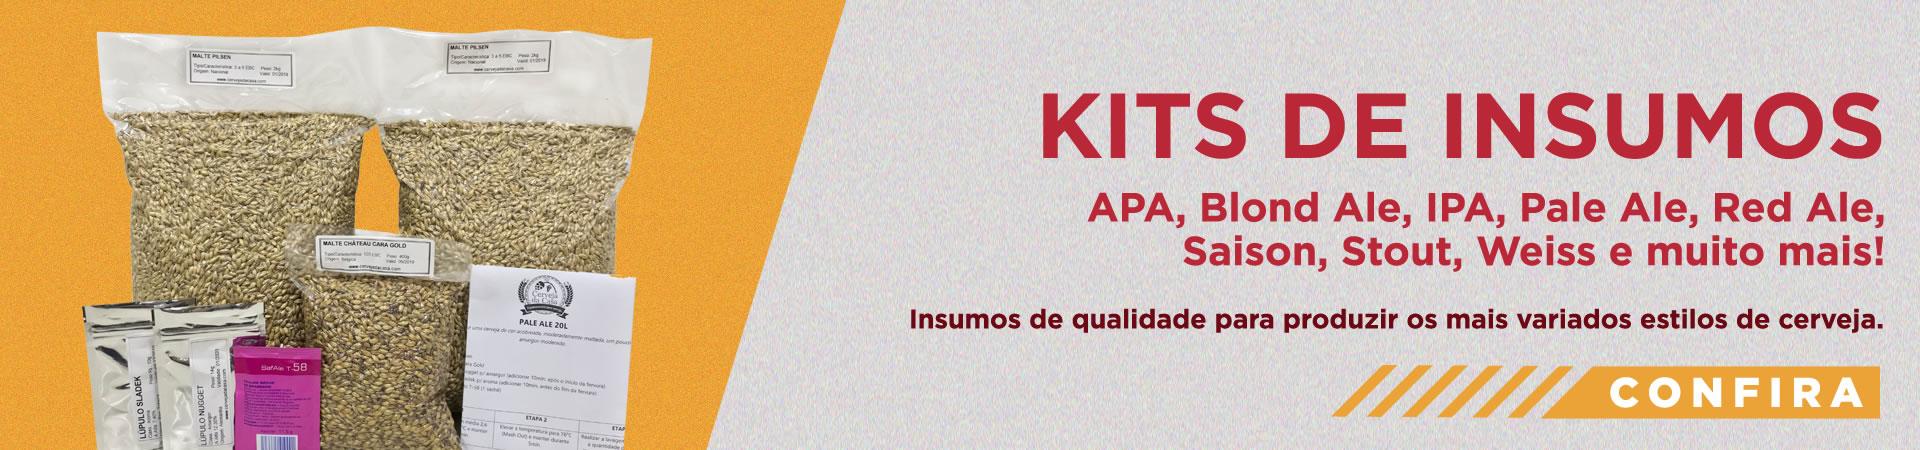 Kits de Insumos